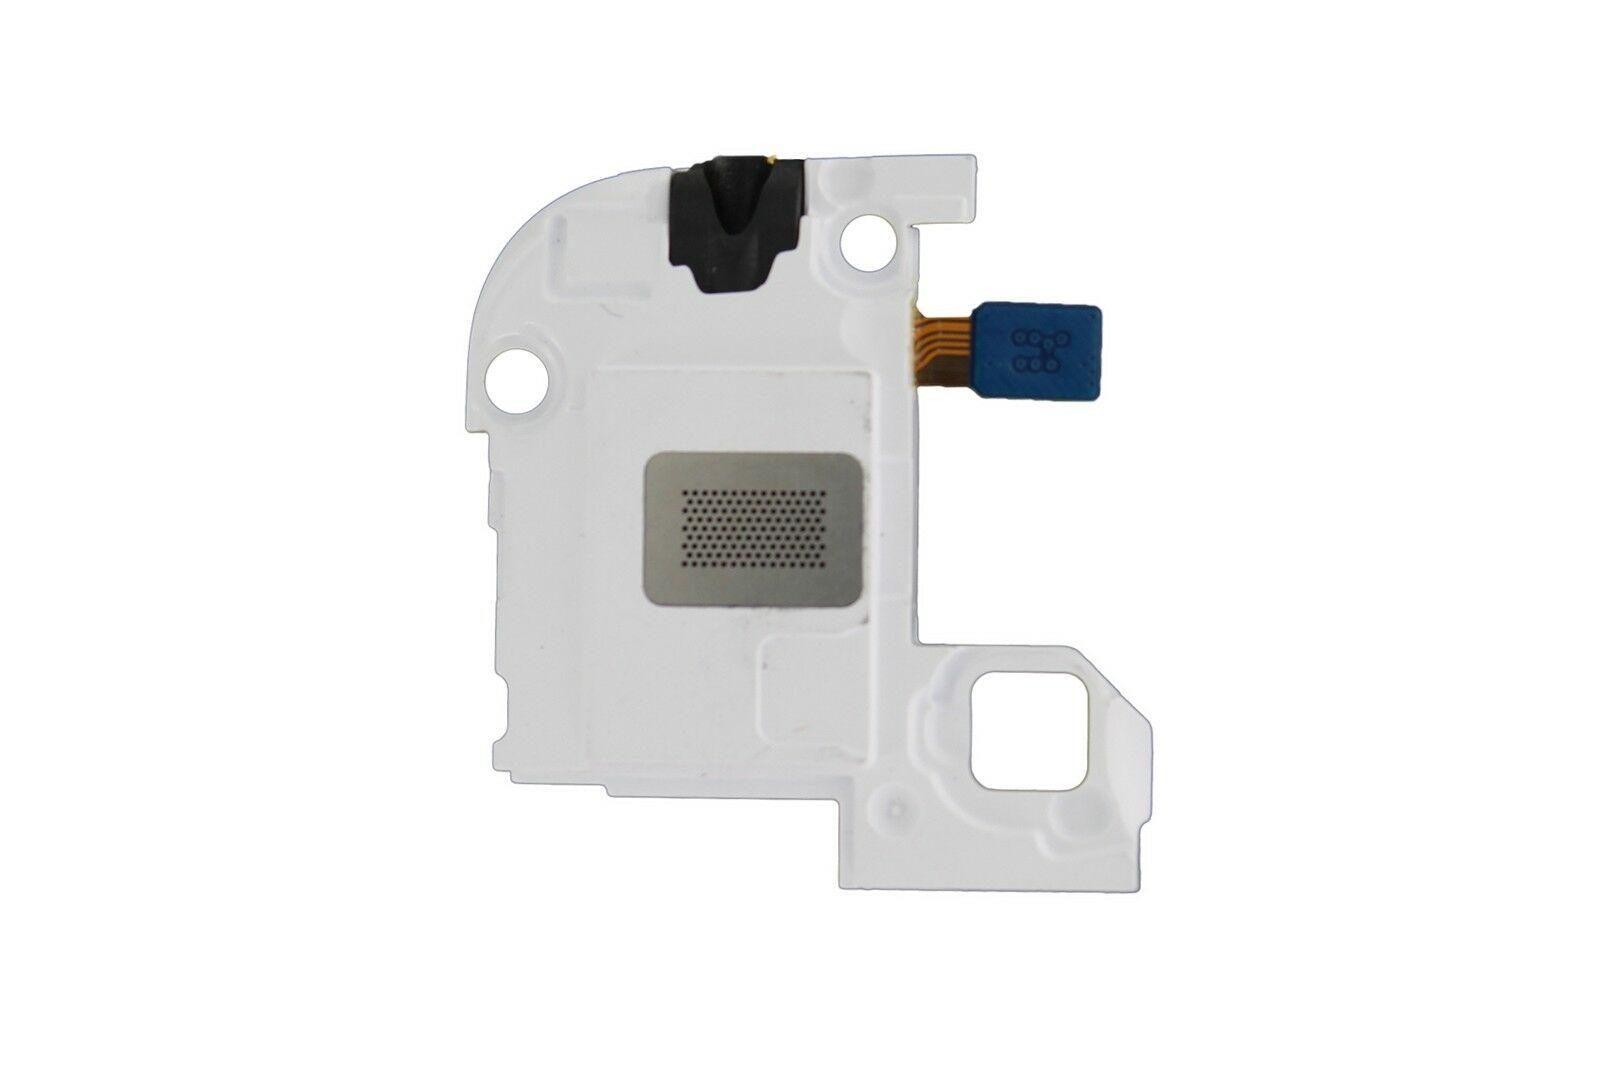 Campainha Samsung S7562 S Duos Alto Falante com Flex P2 Branco